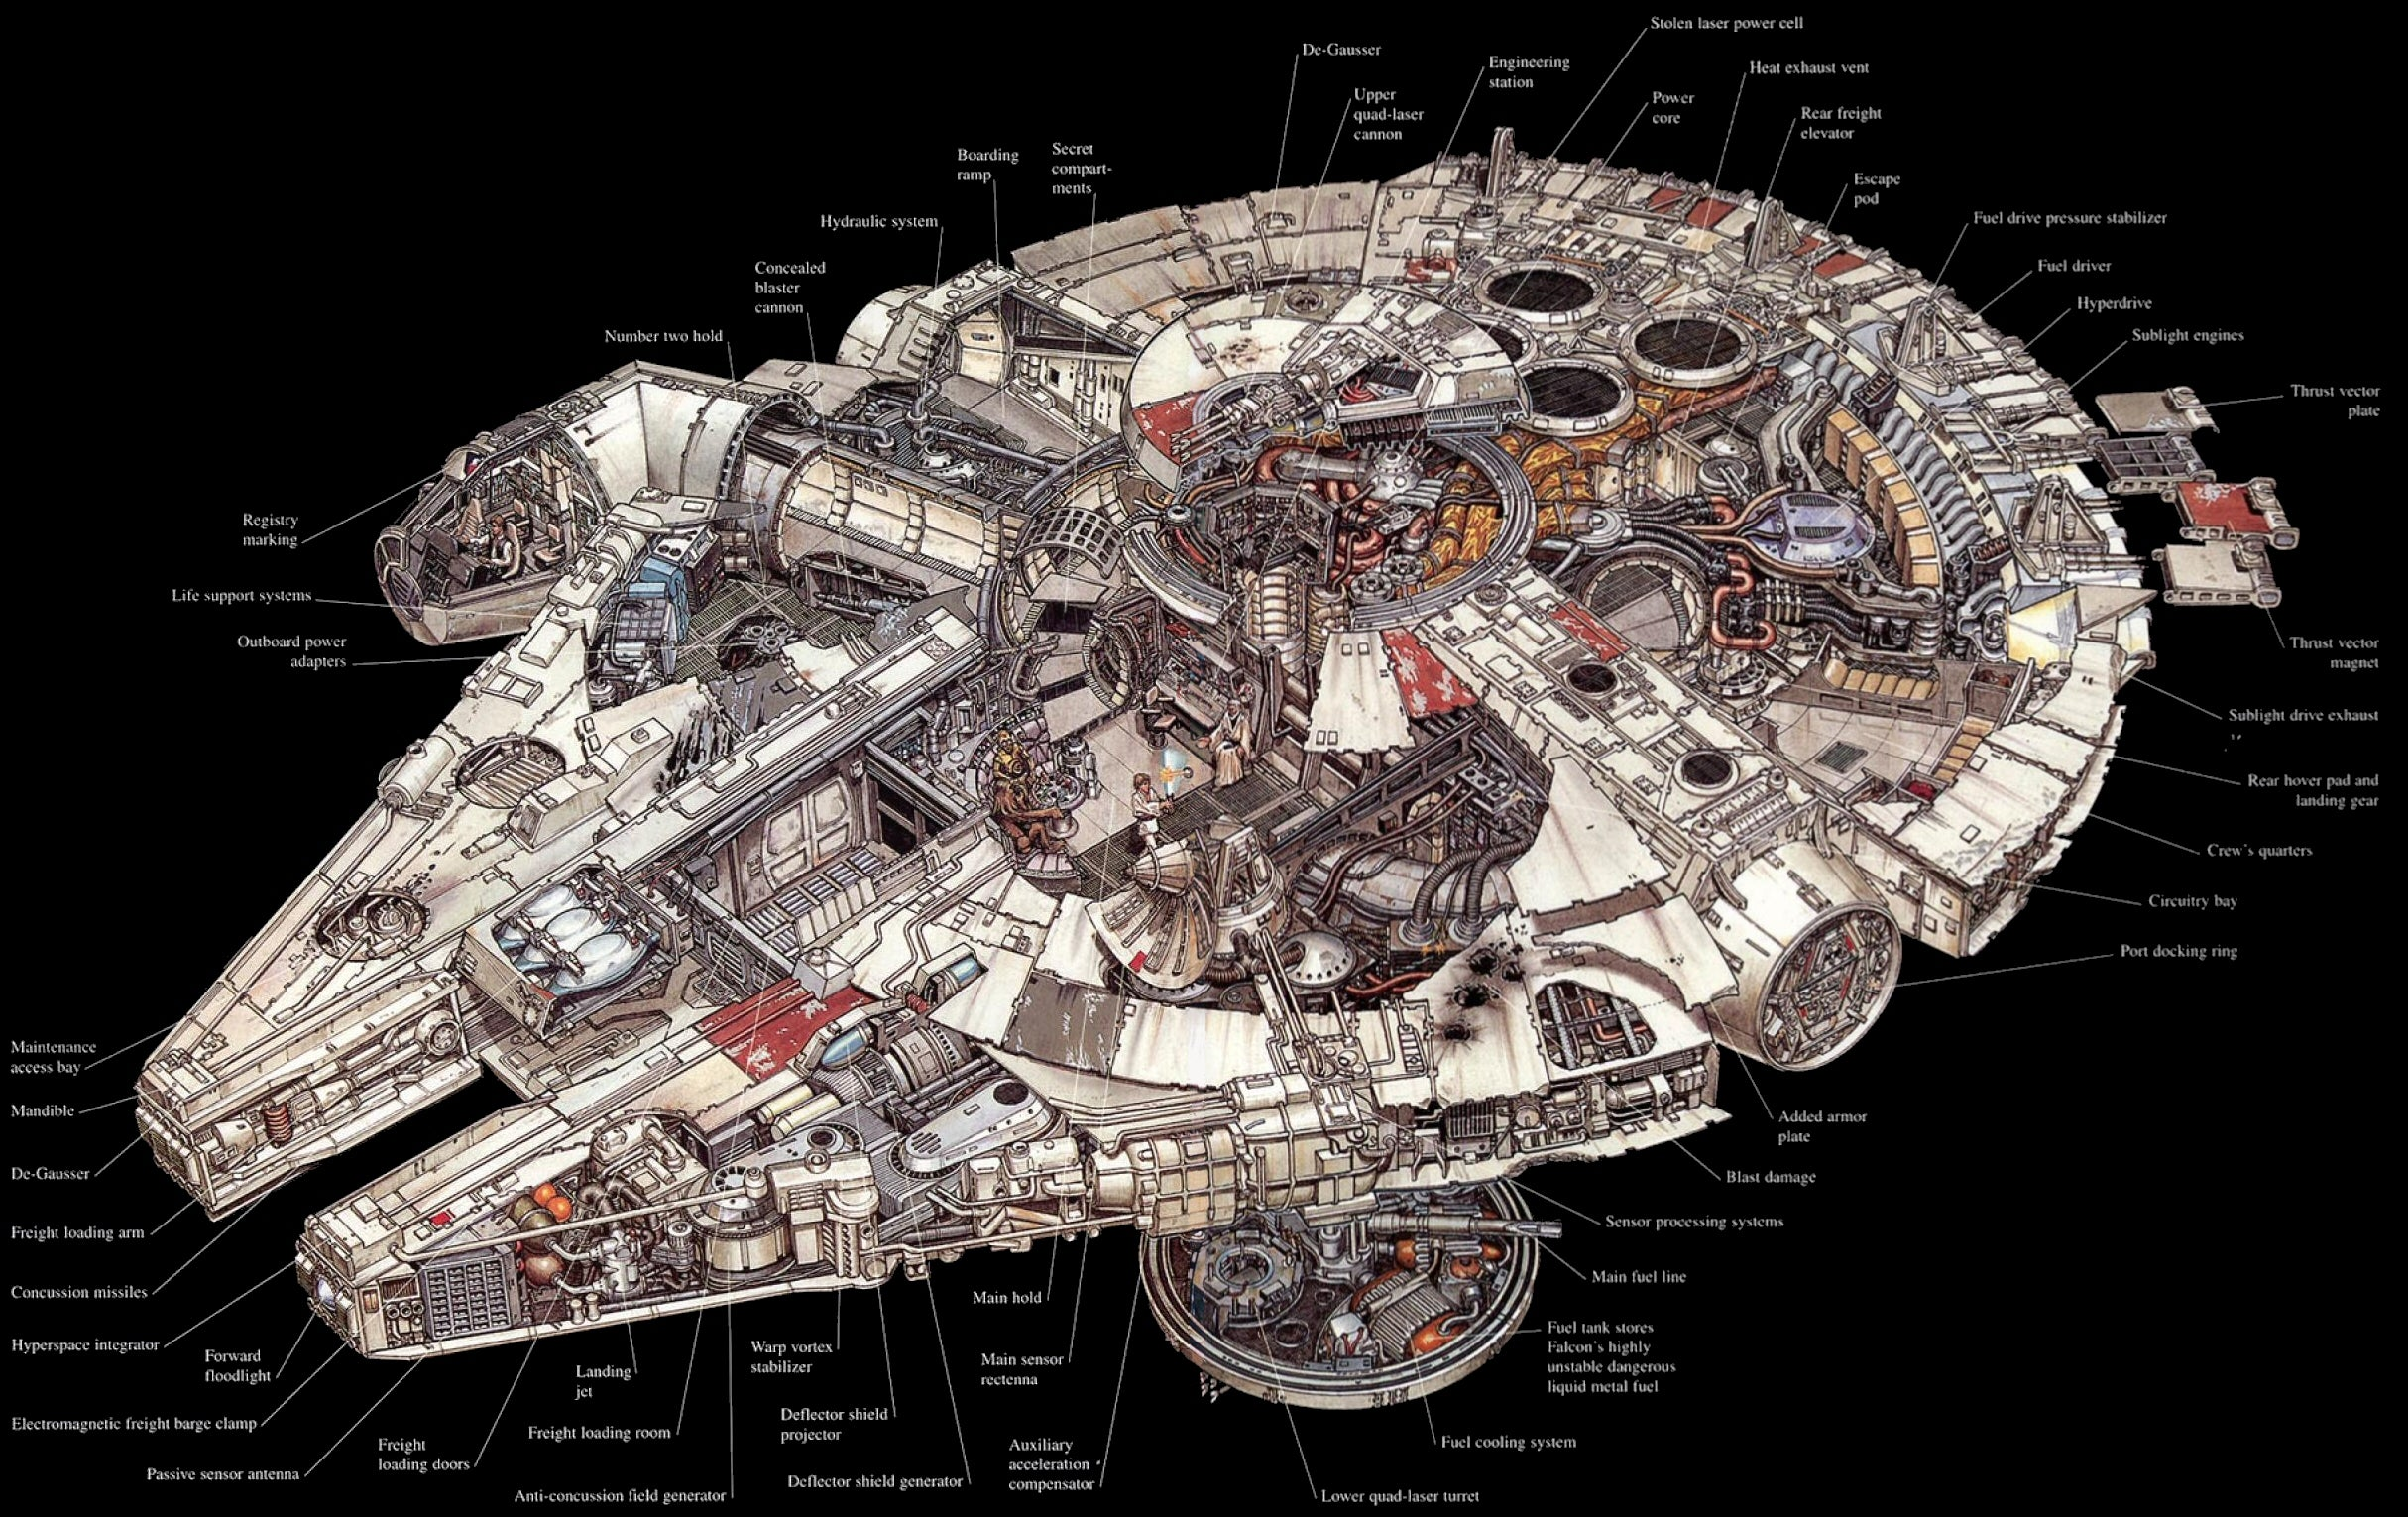 Переводные новости по Star Wars: The amazing Star Wars vehicles and location cutaways by Hans Jenssen